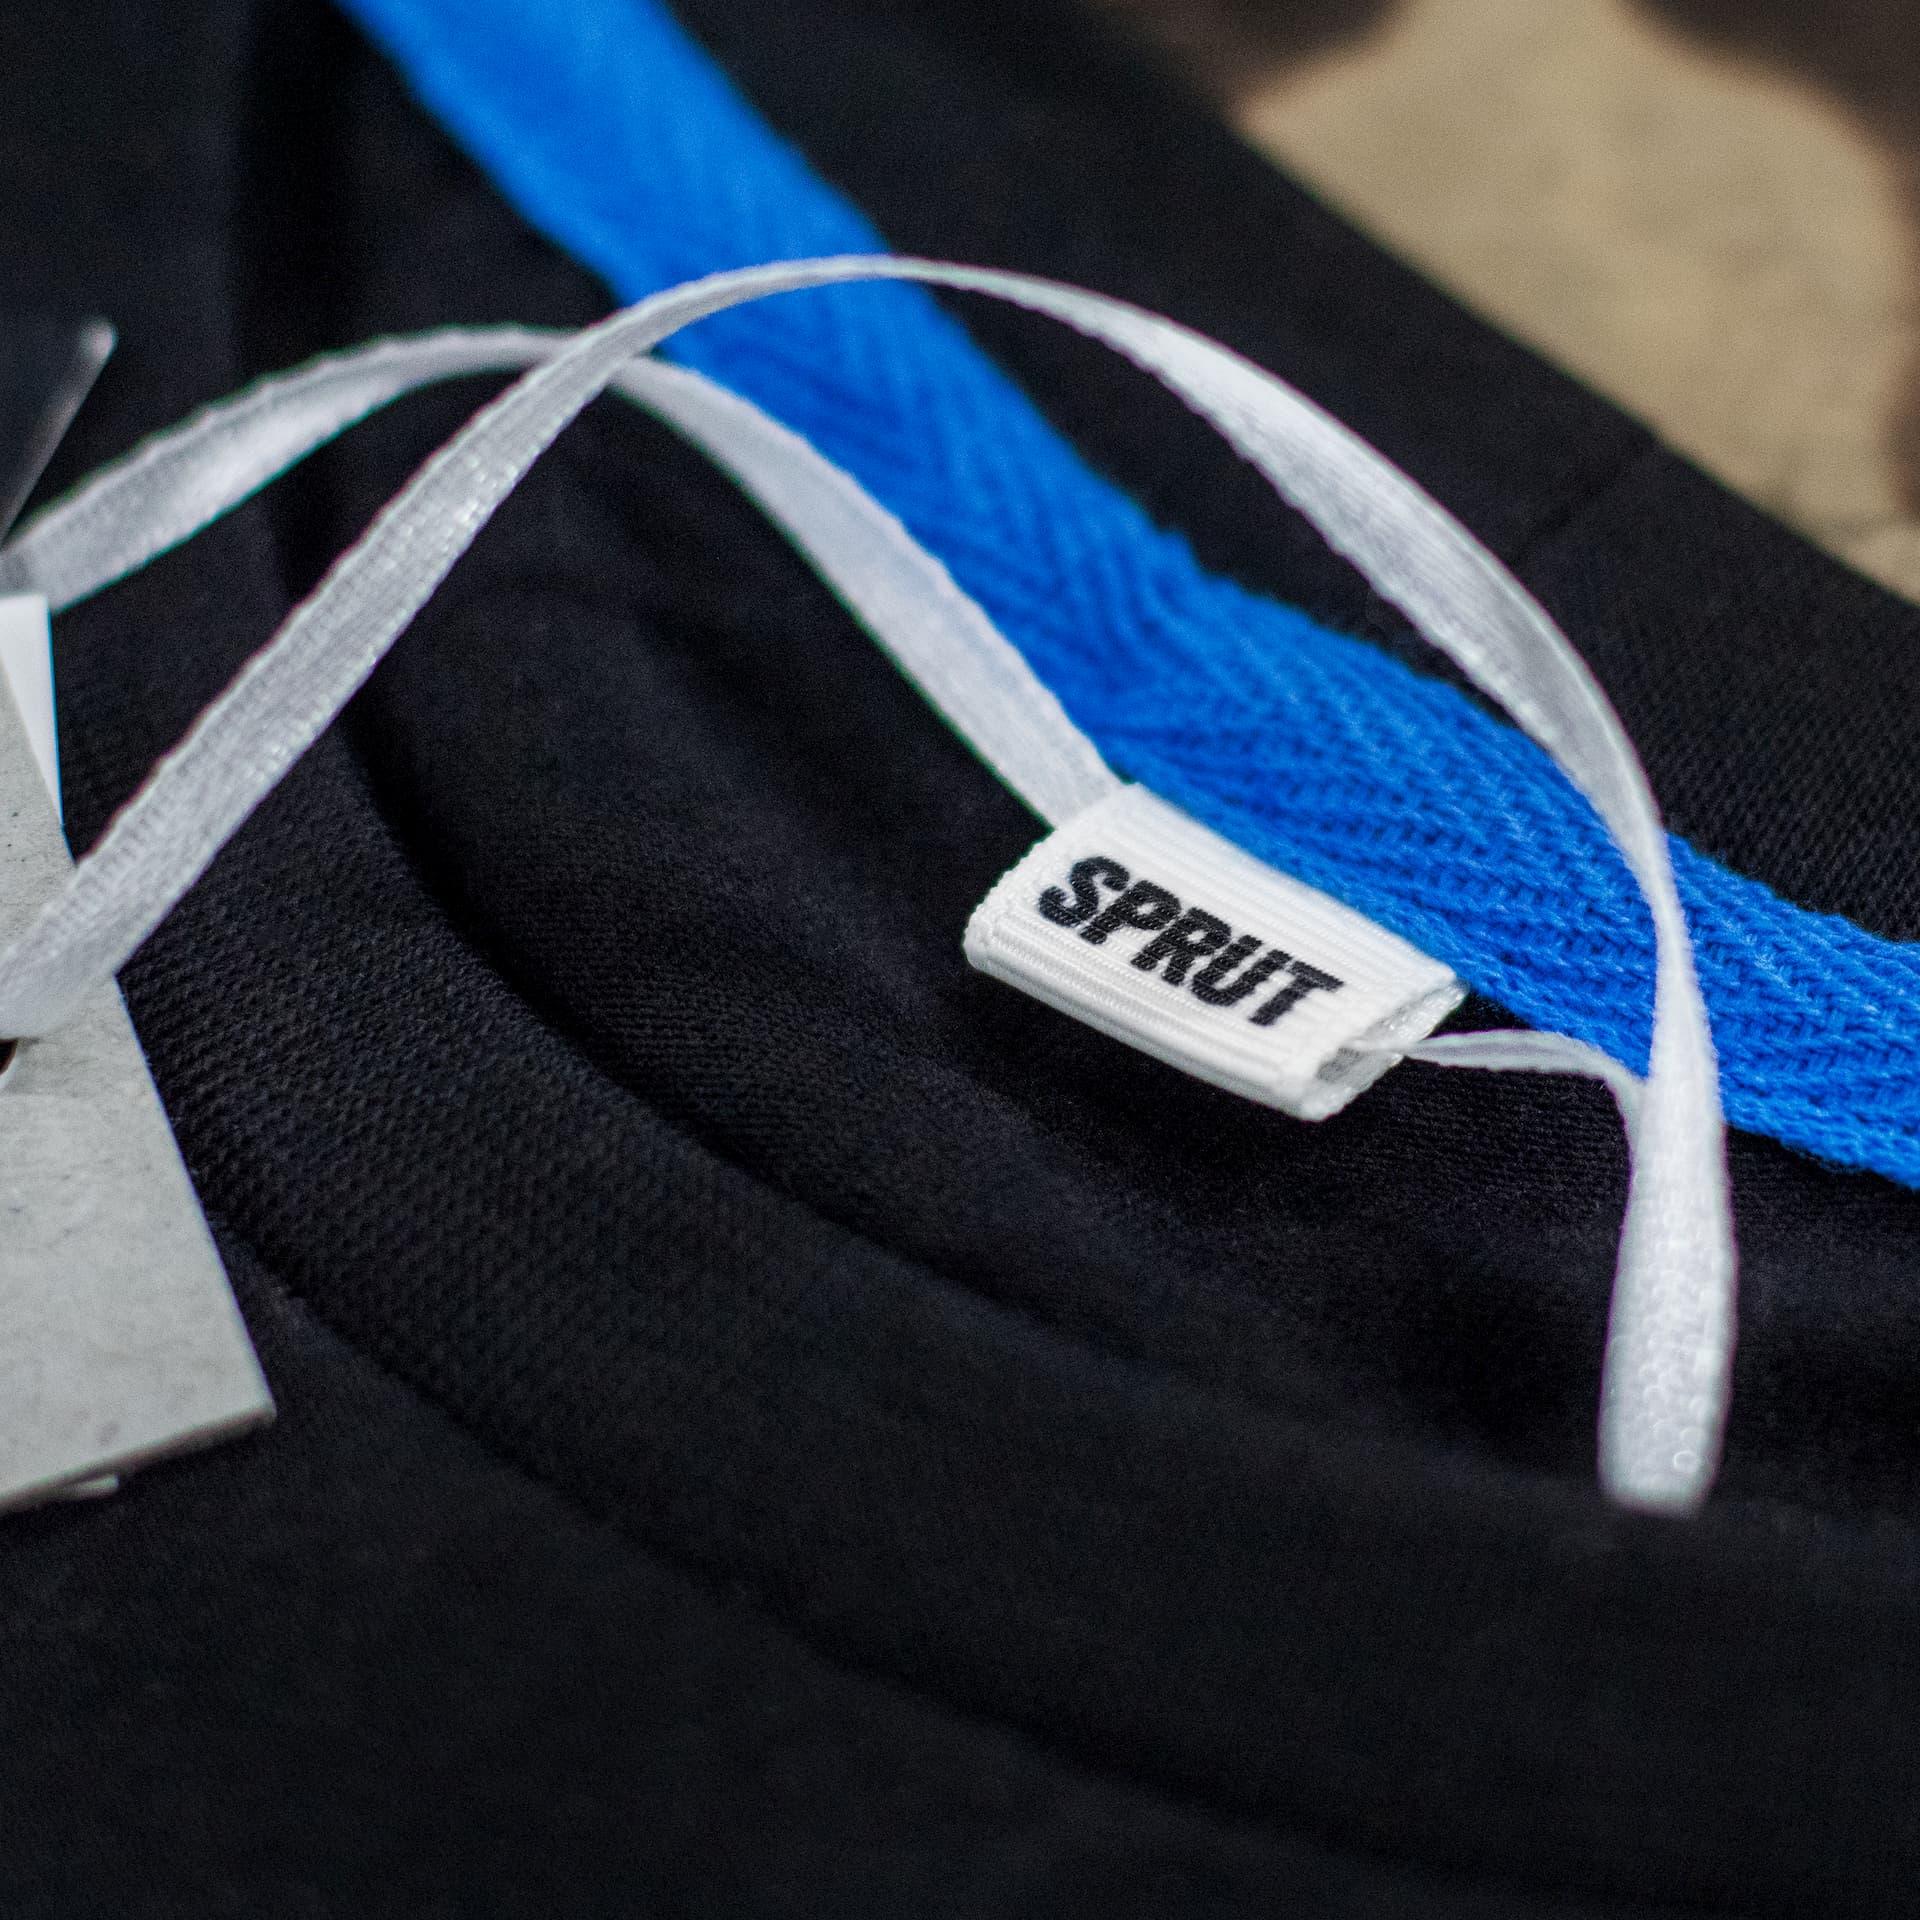 Воротник чёрной футболки CrossFit Sprut